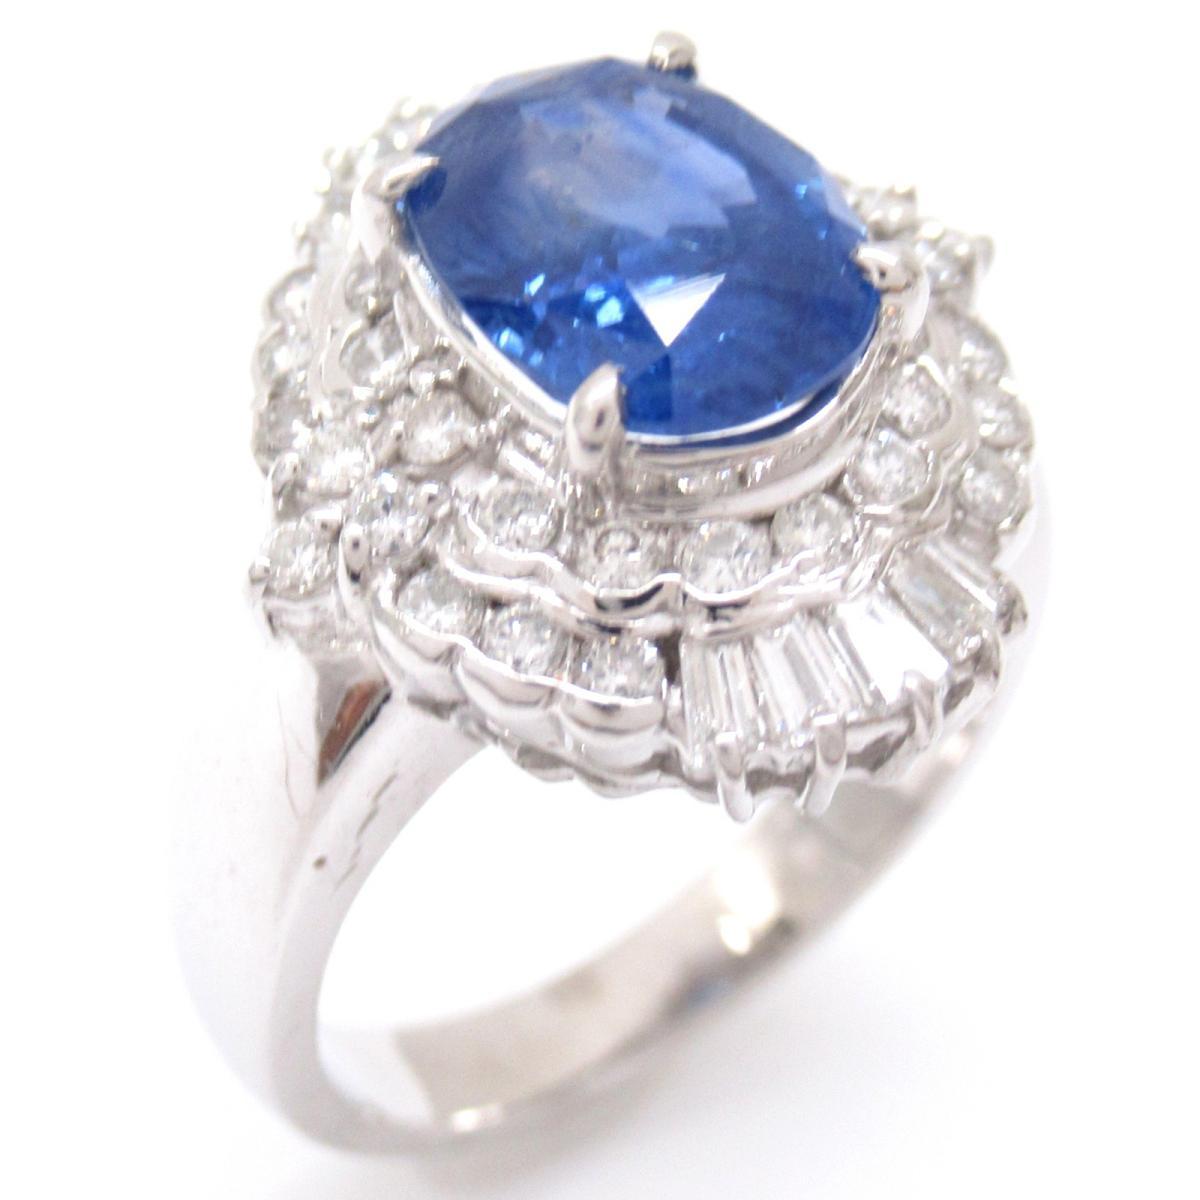 ジュエリー サファイアリング 指輪 ノーブランドジュエリー レディース PT900 プラチナxサファイア2.24ctxダイヤモンド0.62ct ブルー 【中古】 | JEWELRY BRANDOFF ブランドオフ アクセサリー リング